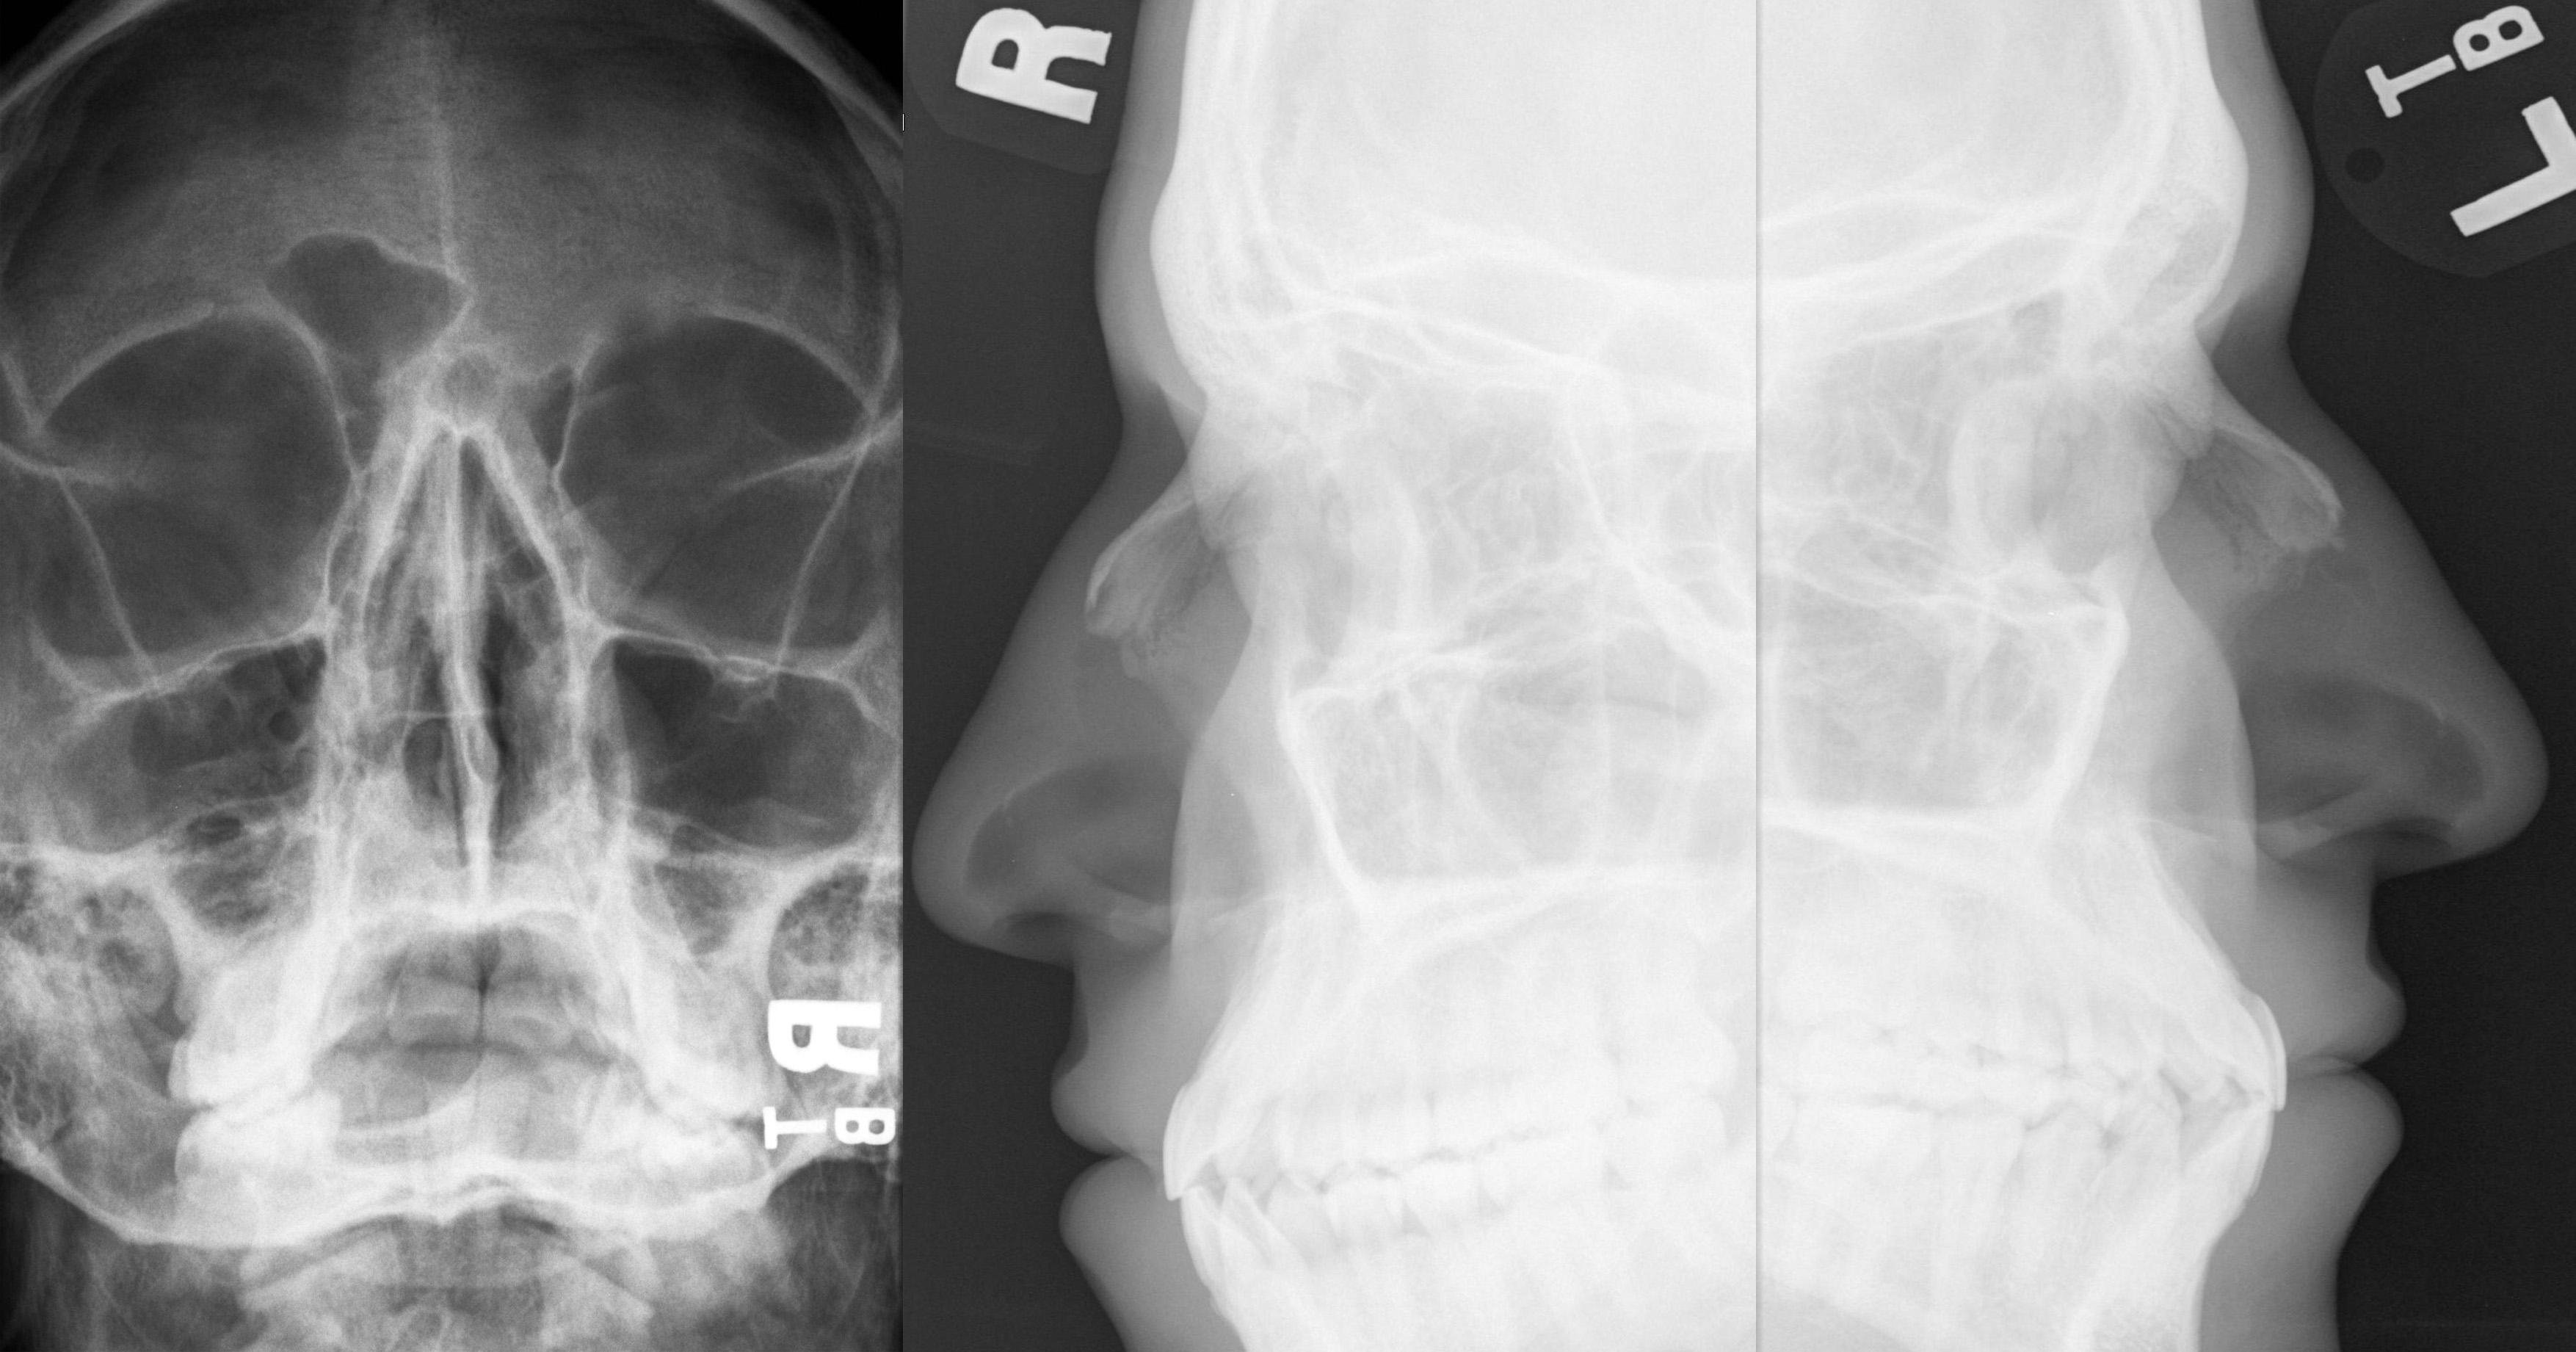 Gãy xương chính mũi | RADIOLOGY – CHẨN ĐOÁN HÌNH ẢNH